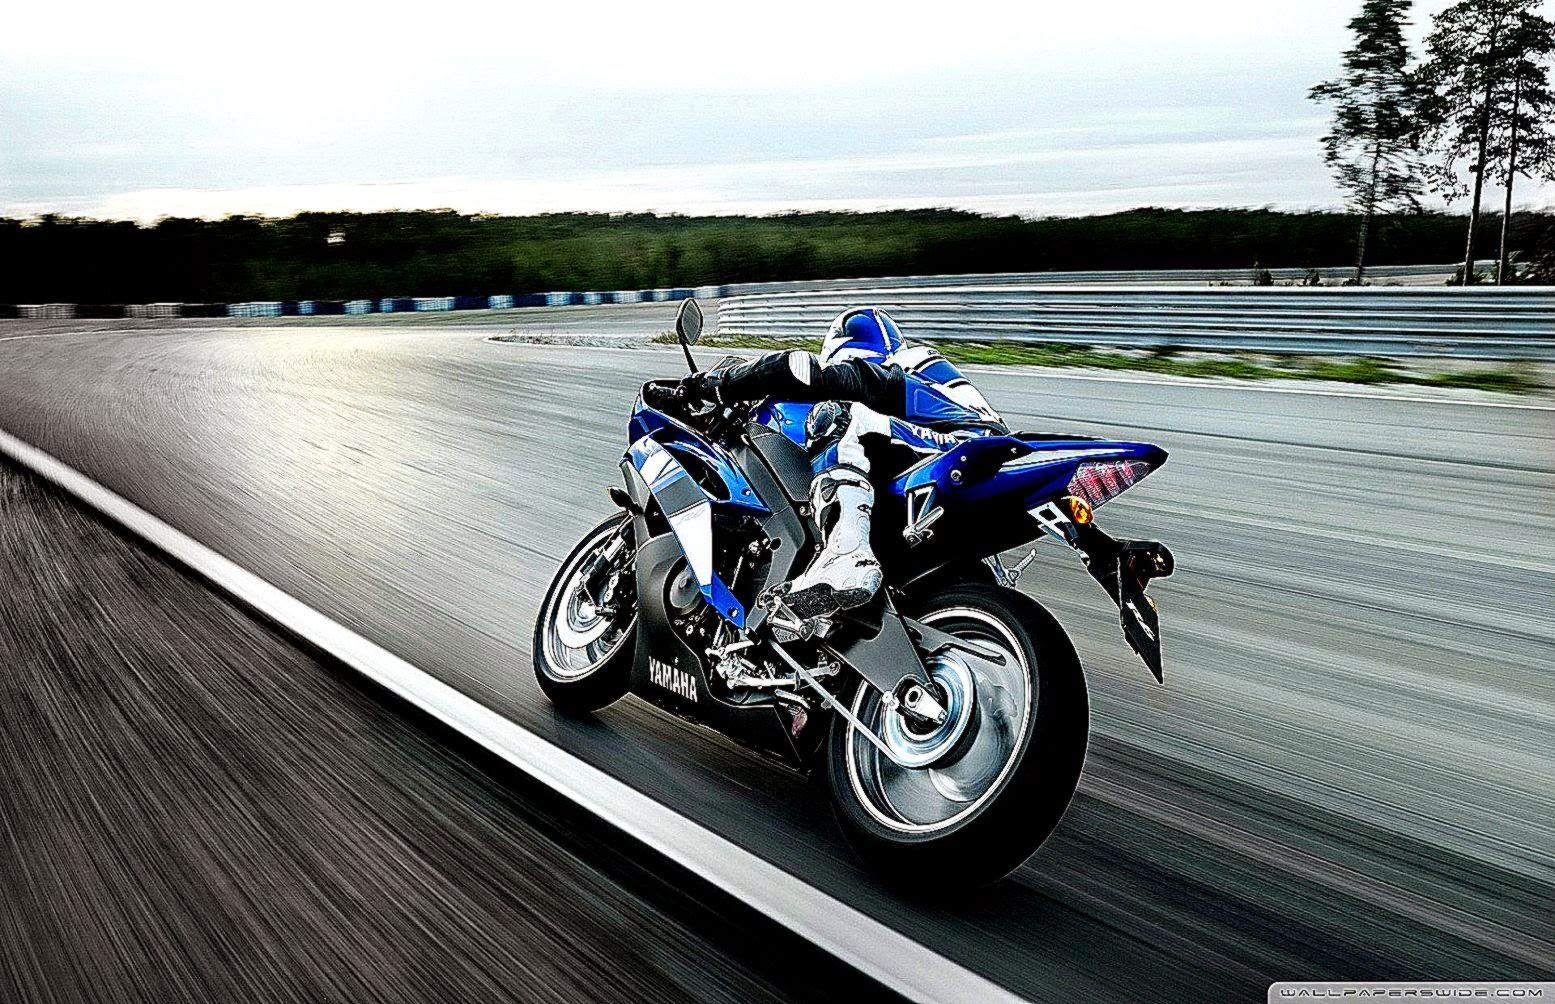 Yamaha Yzf R1 Hd Desktop Wallpaper Widescreen High: Motorcycle Wallpaper